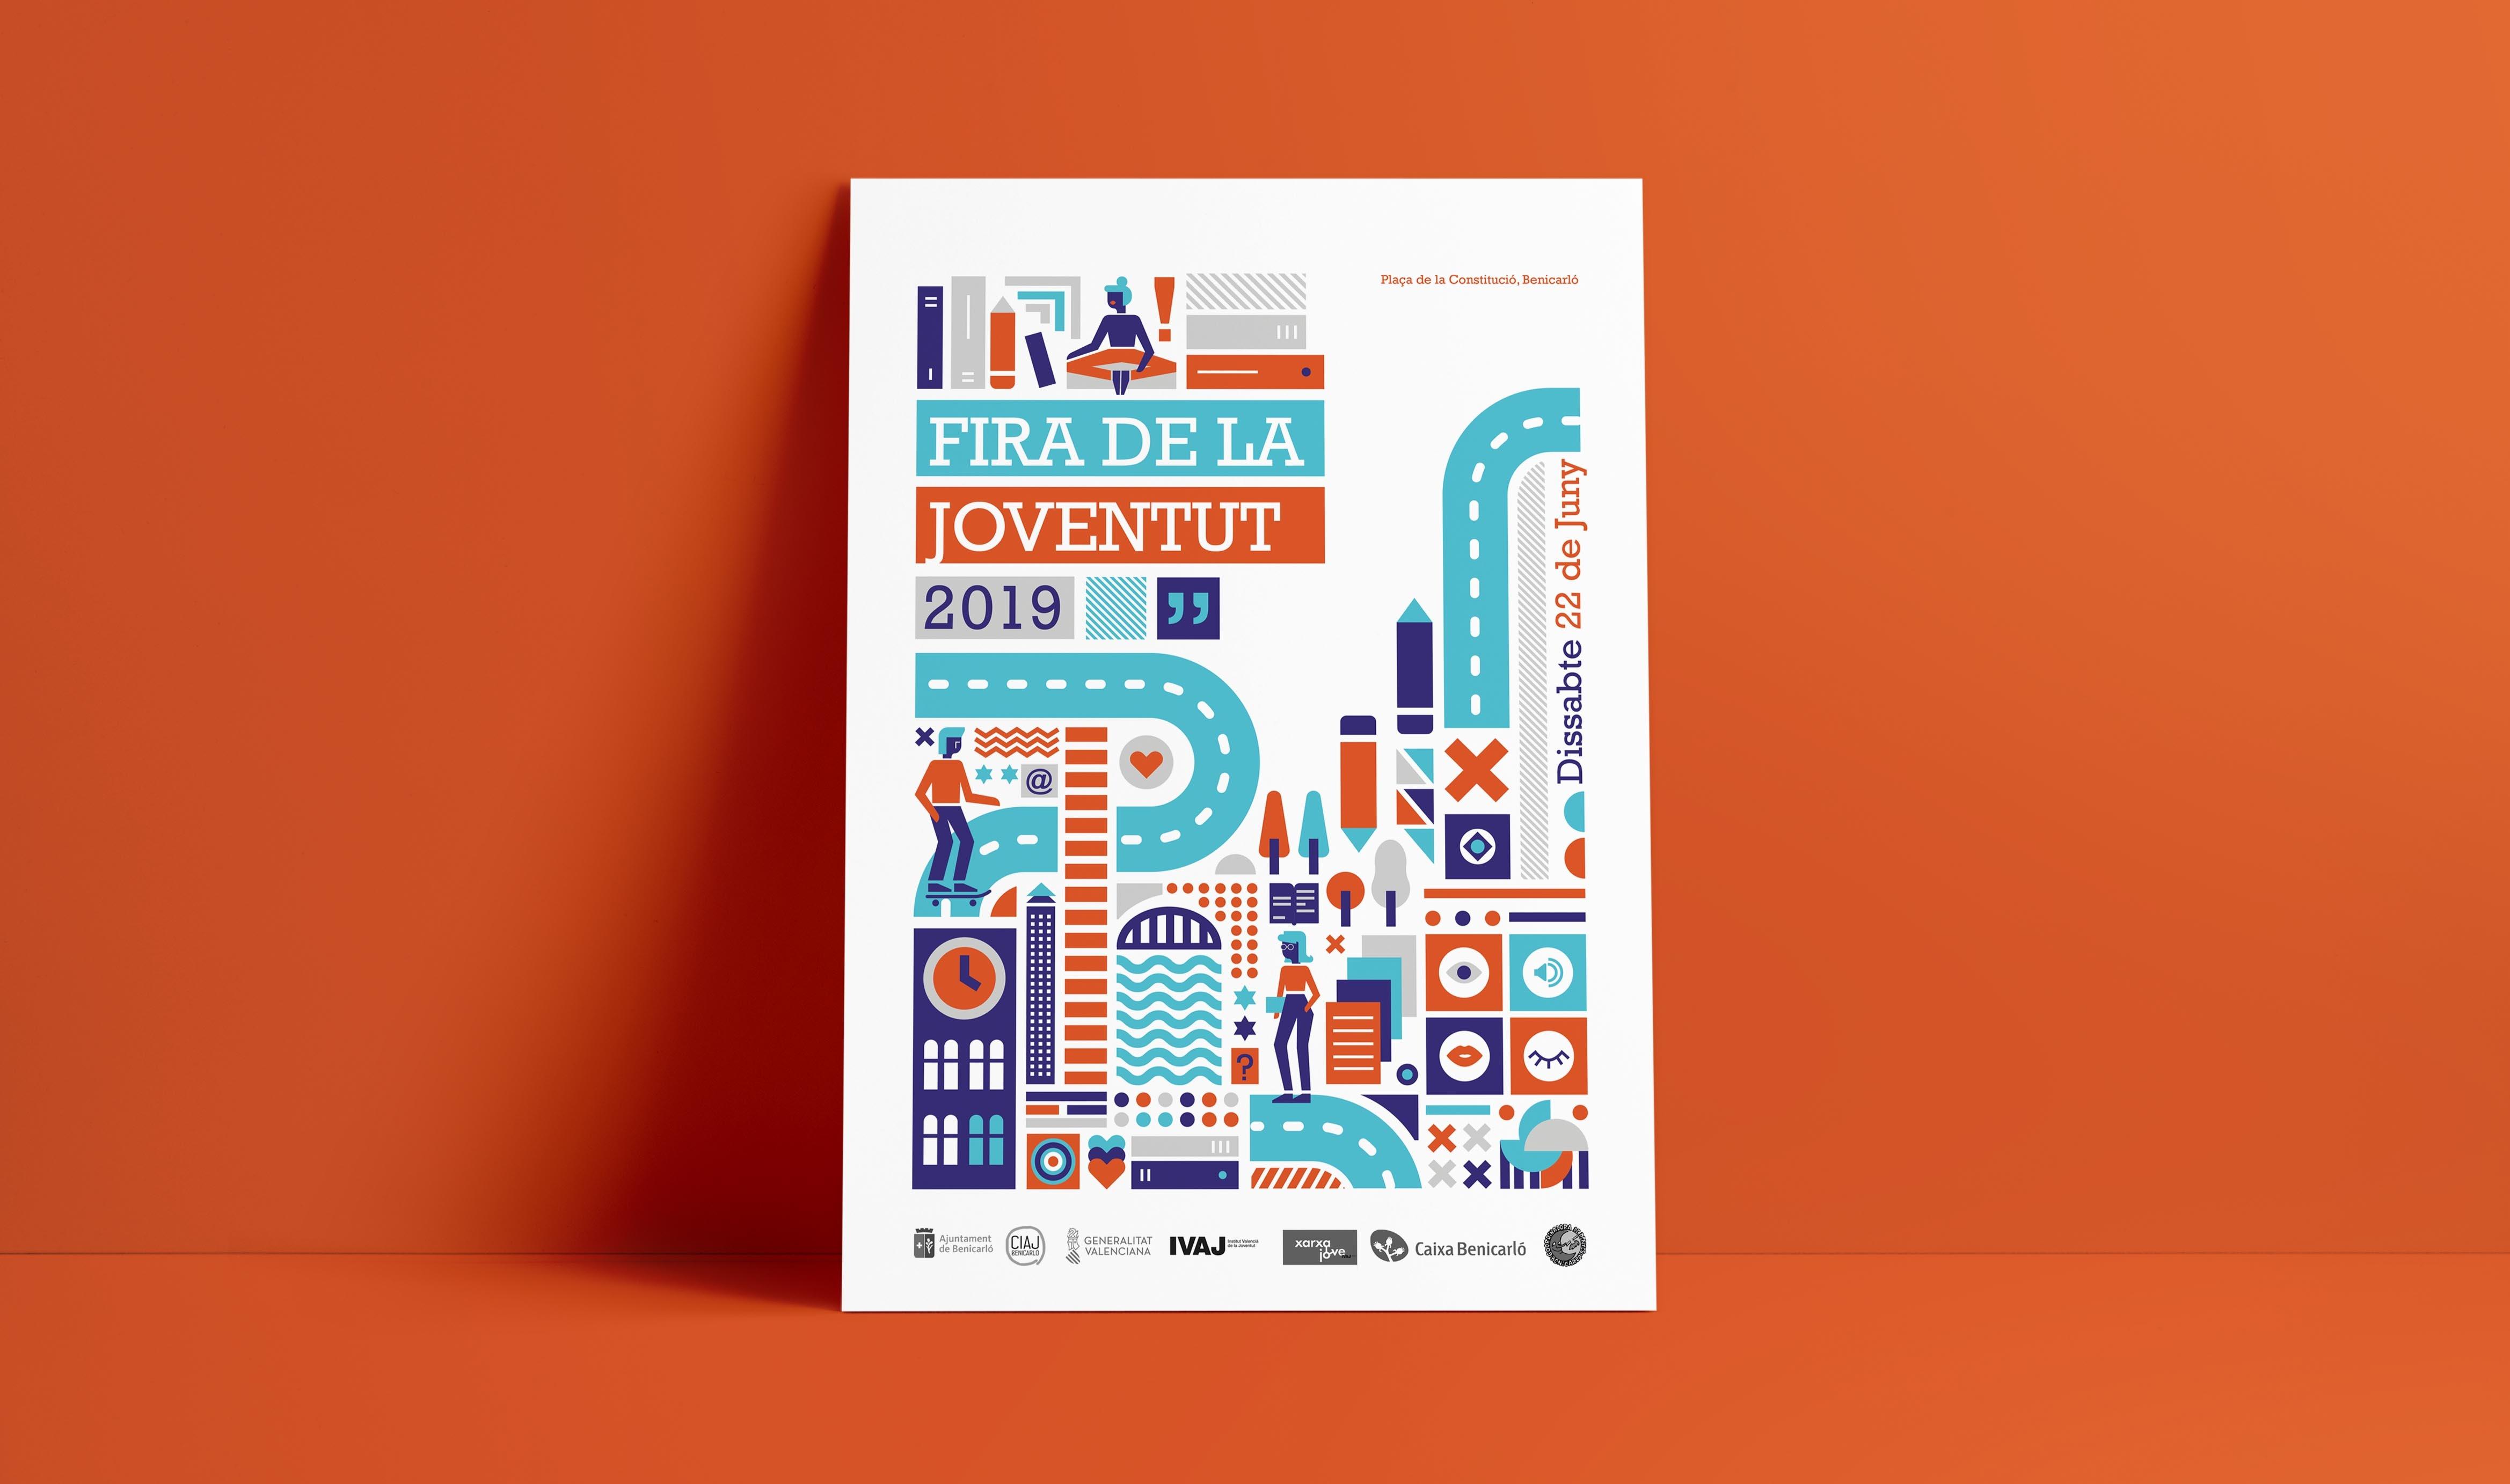 cartel con diseño geométrico diseñado para la feria de la juventud